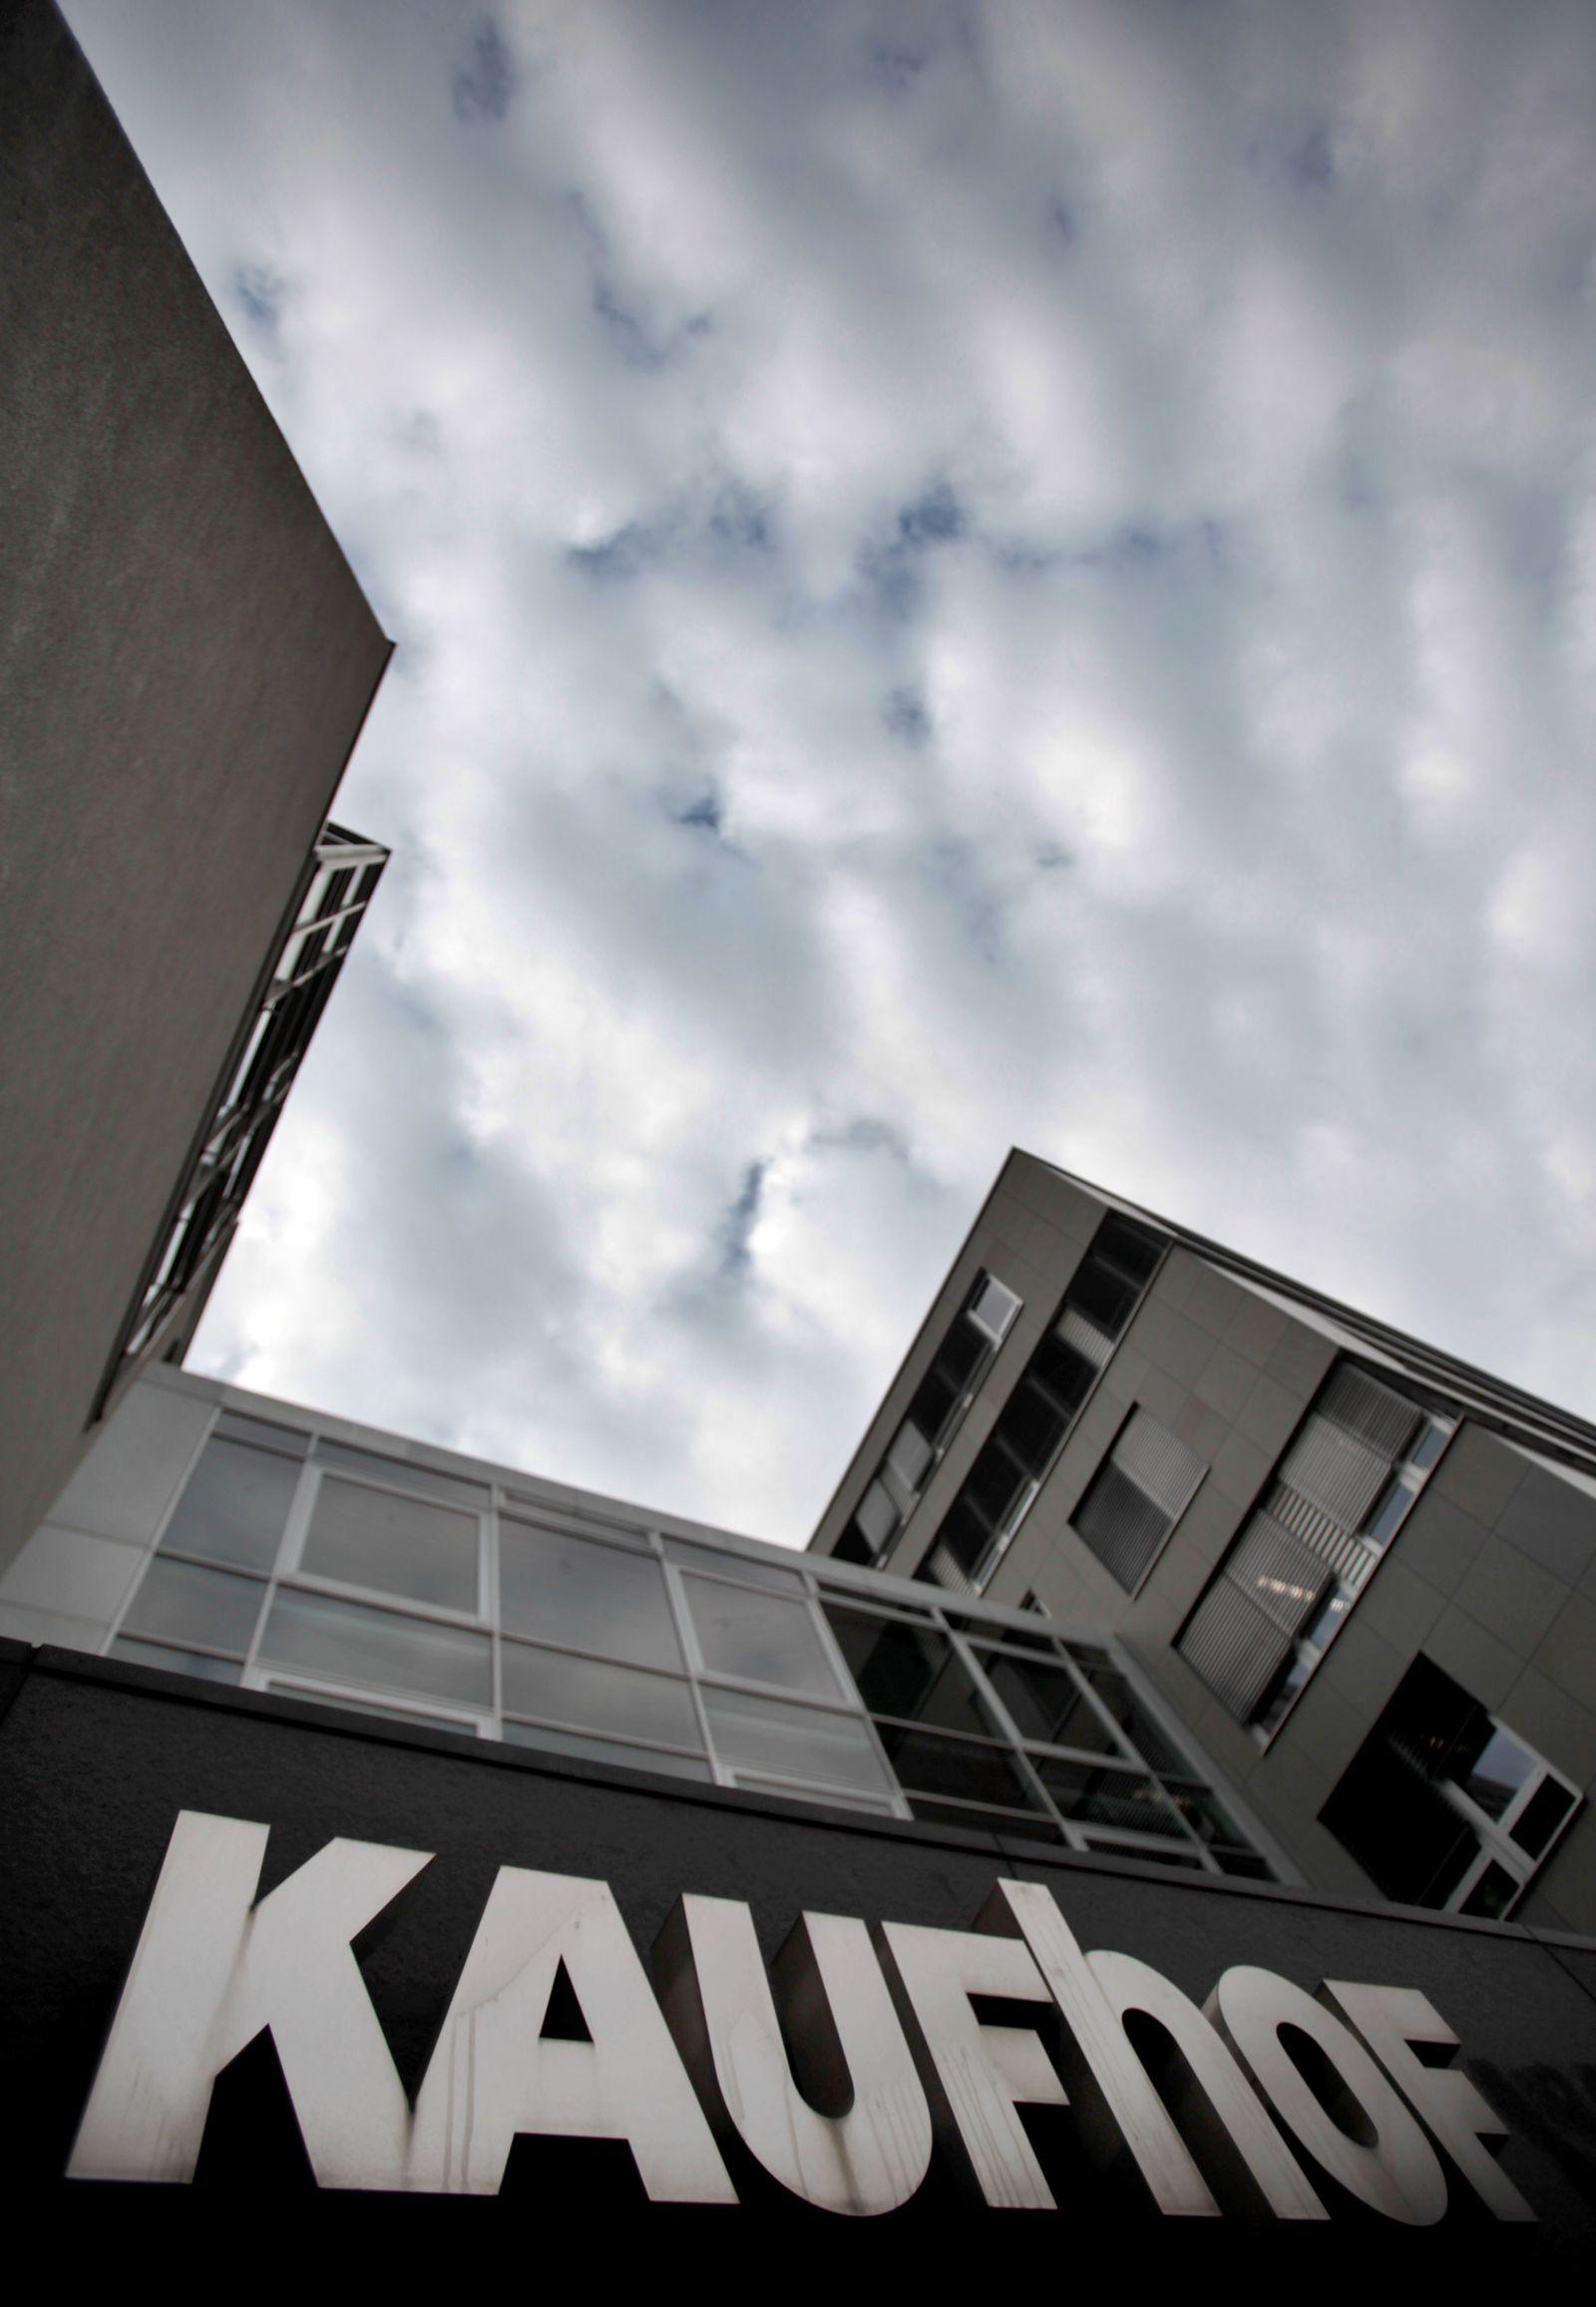 Kaufhof/ Karstadt